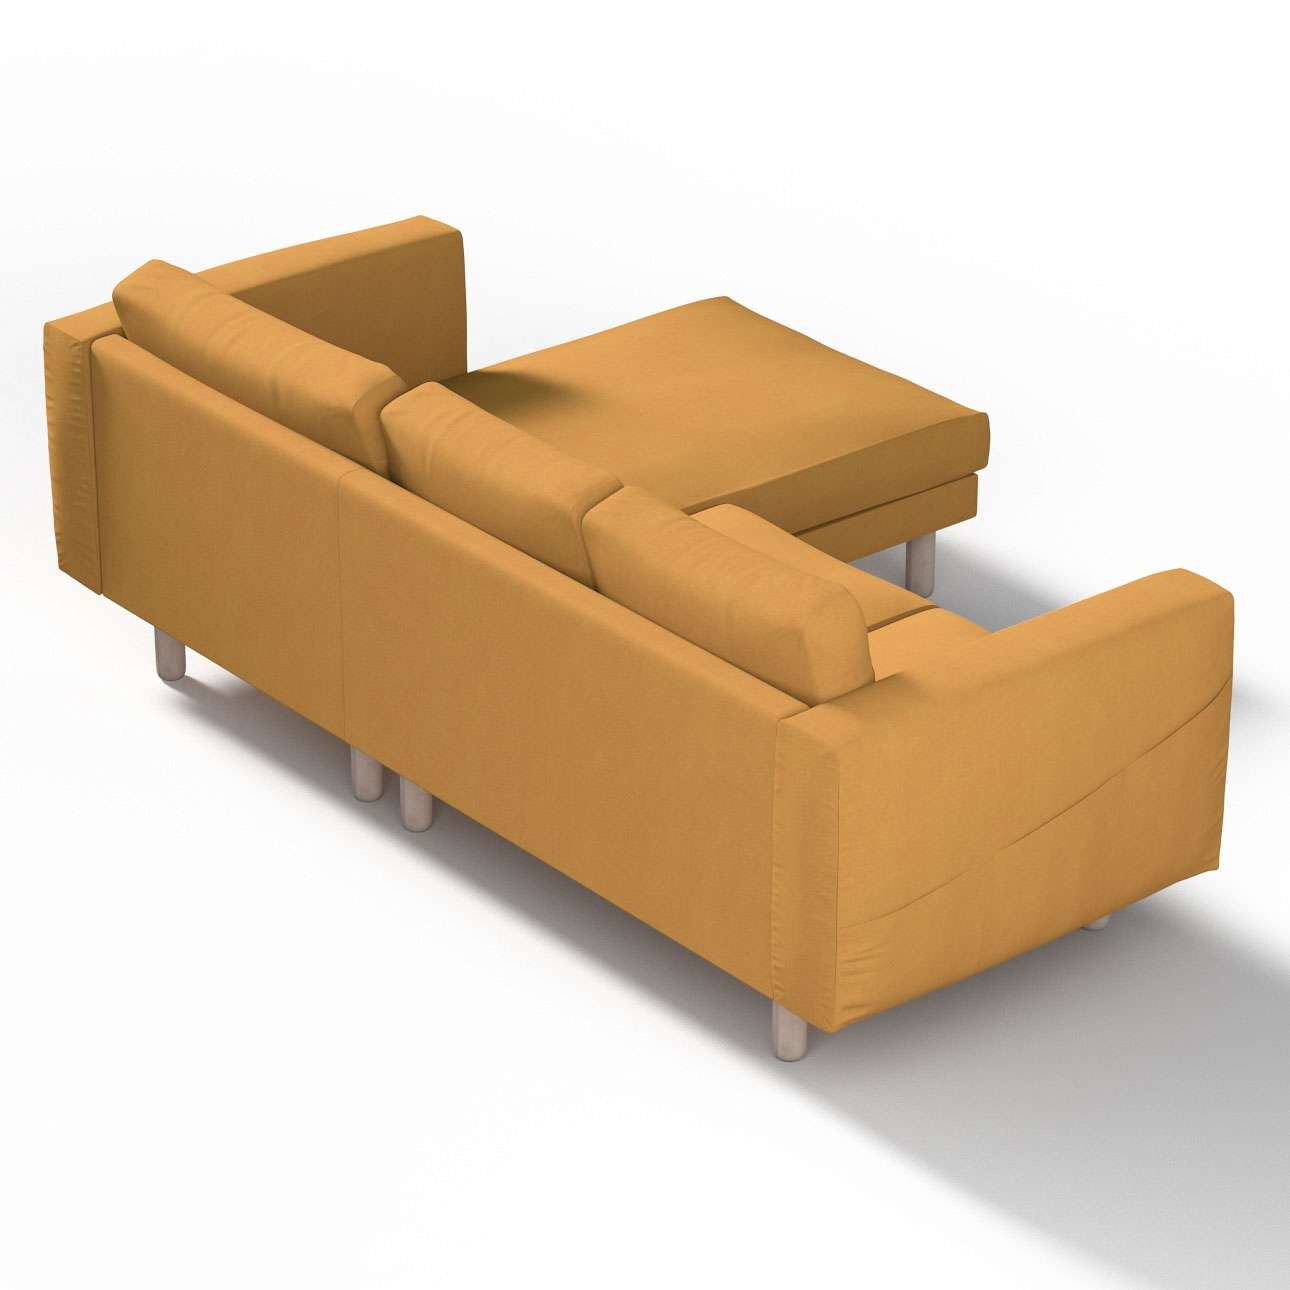 norsborg bezug f r 3 sitzer sofa mit recamiere senffarbe dekoria. Black Bedroom Furniture Sets. Home Design Ideas